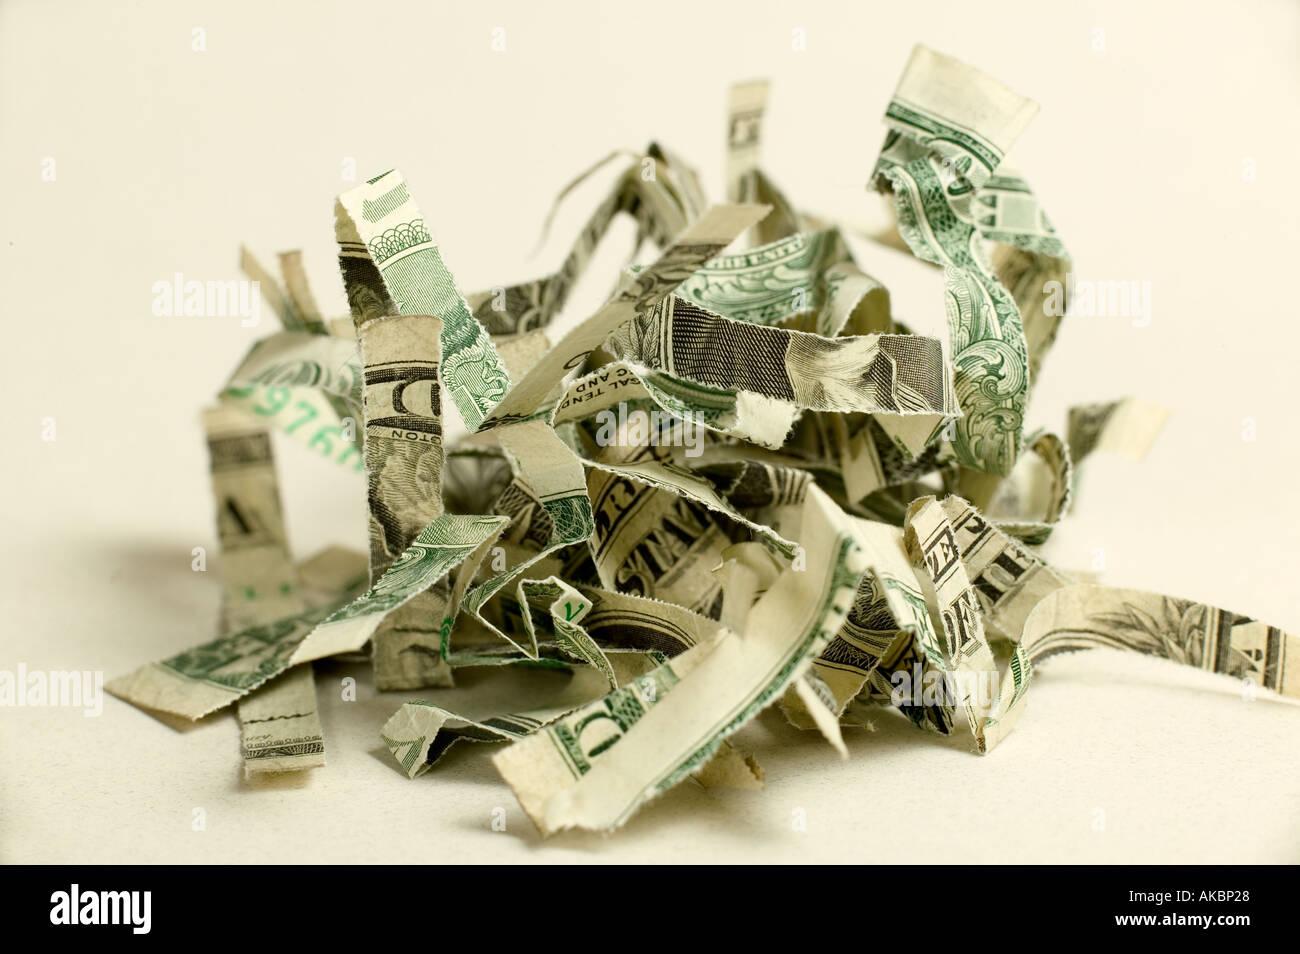 Pile d'argent, râpé Photo Stock